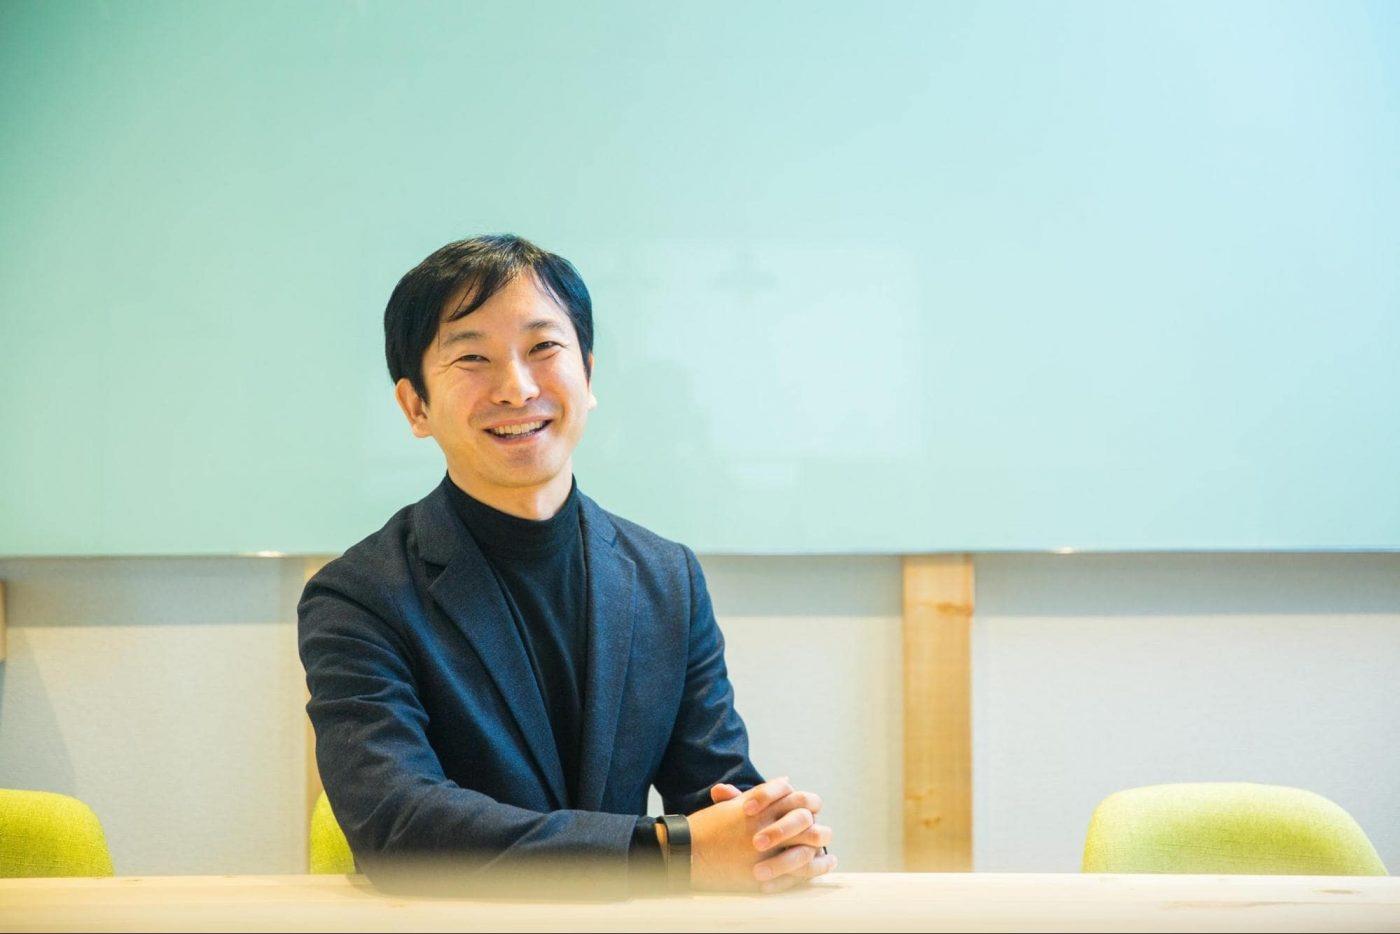 朝倉,CEO,IPO